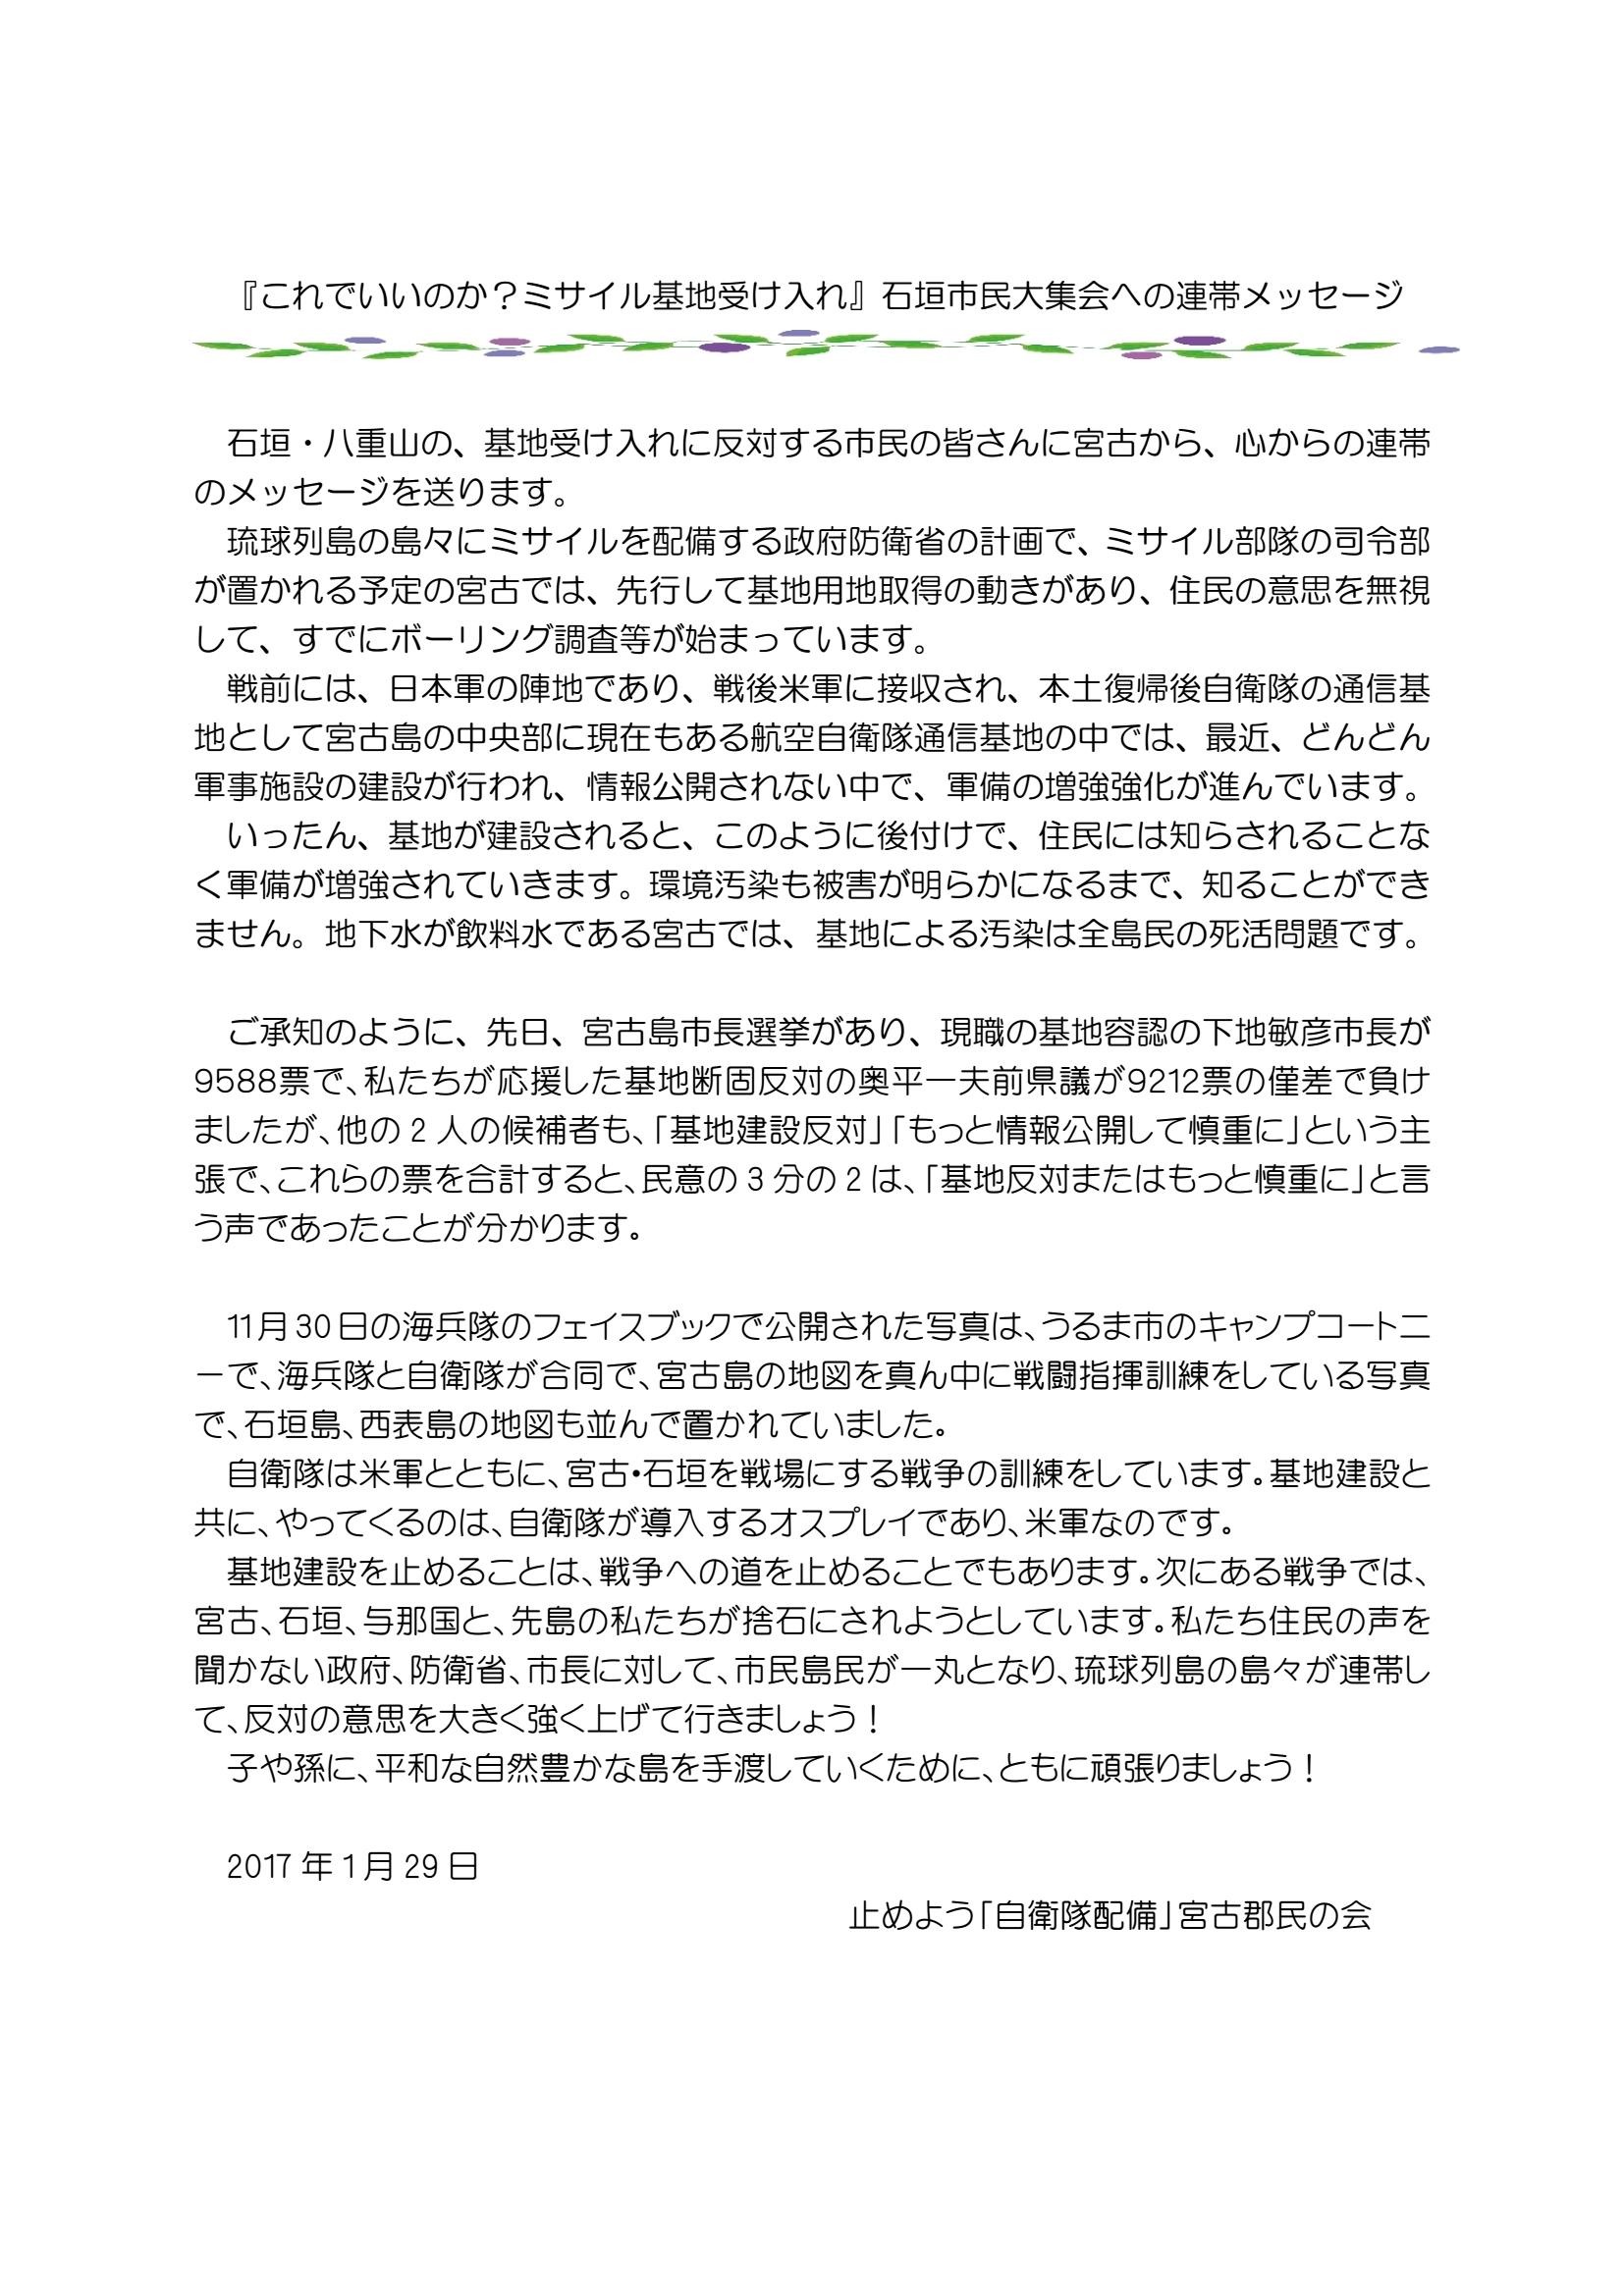 1・29石垣市民大集会へのメッセージ